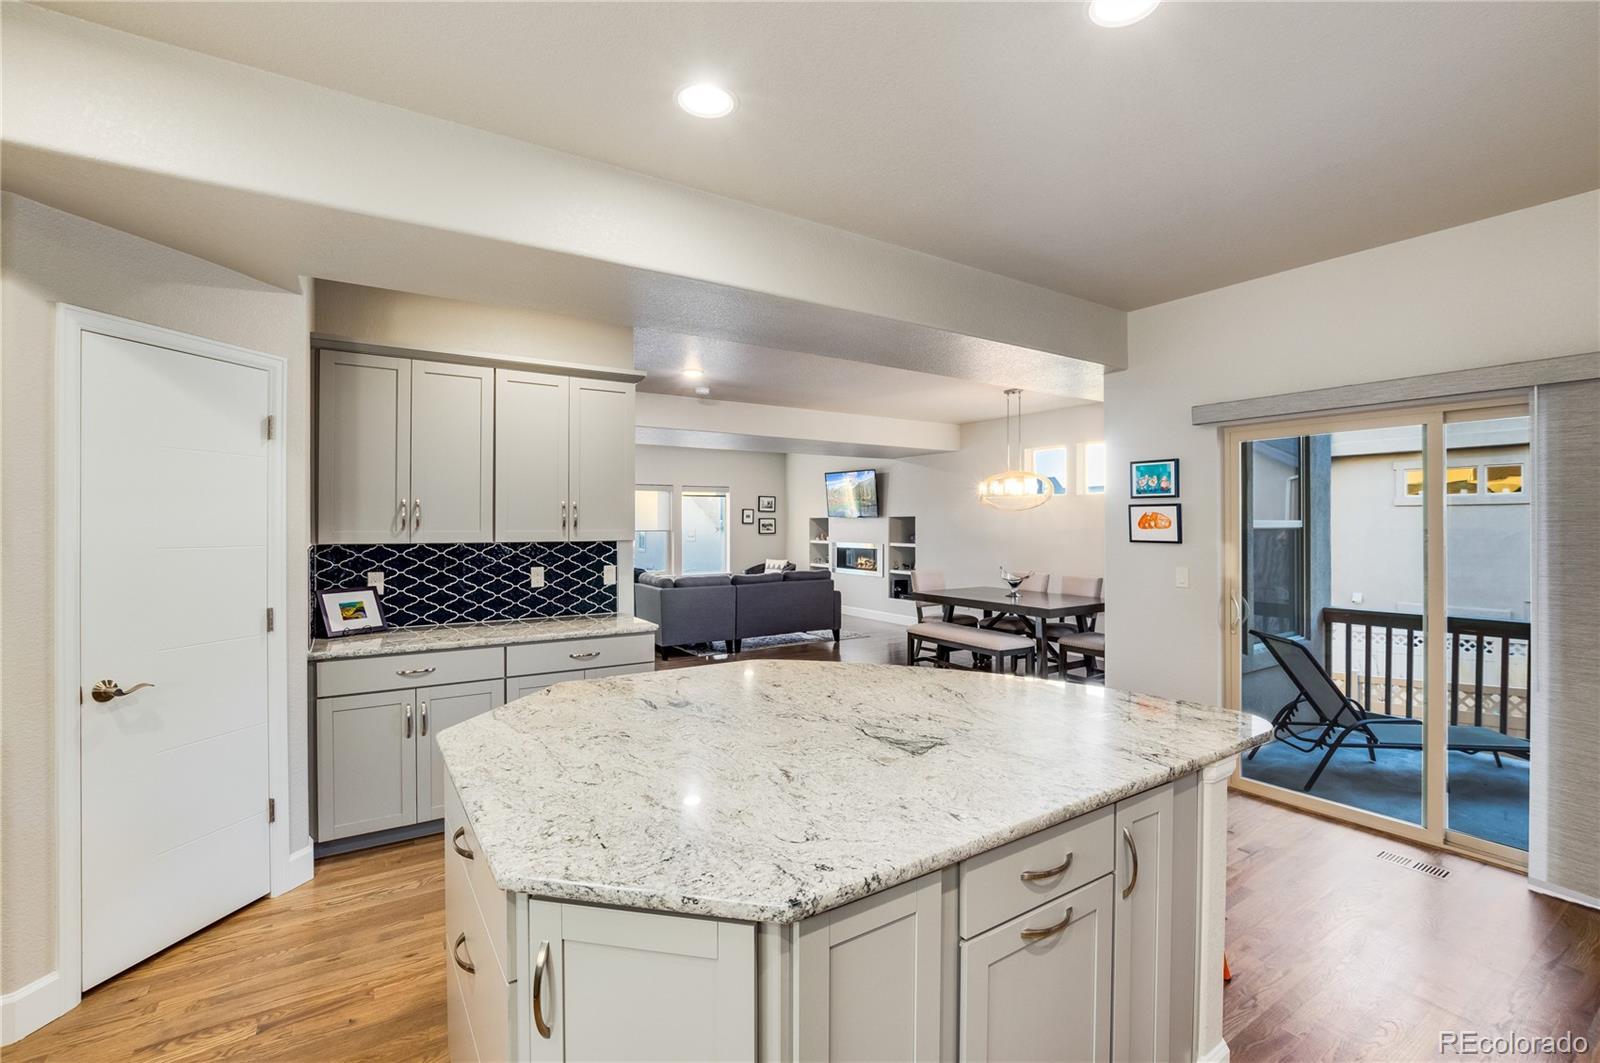 MLS# 9892836 - 16 - 6372 Cubbage Drive, Colorado Springs, CO 80924